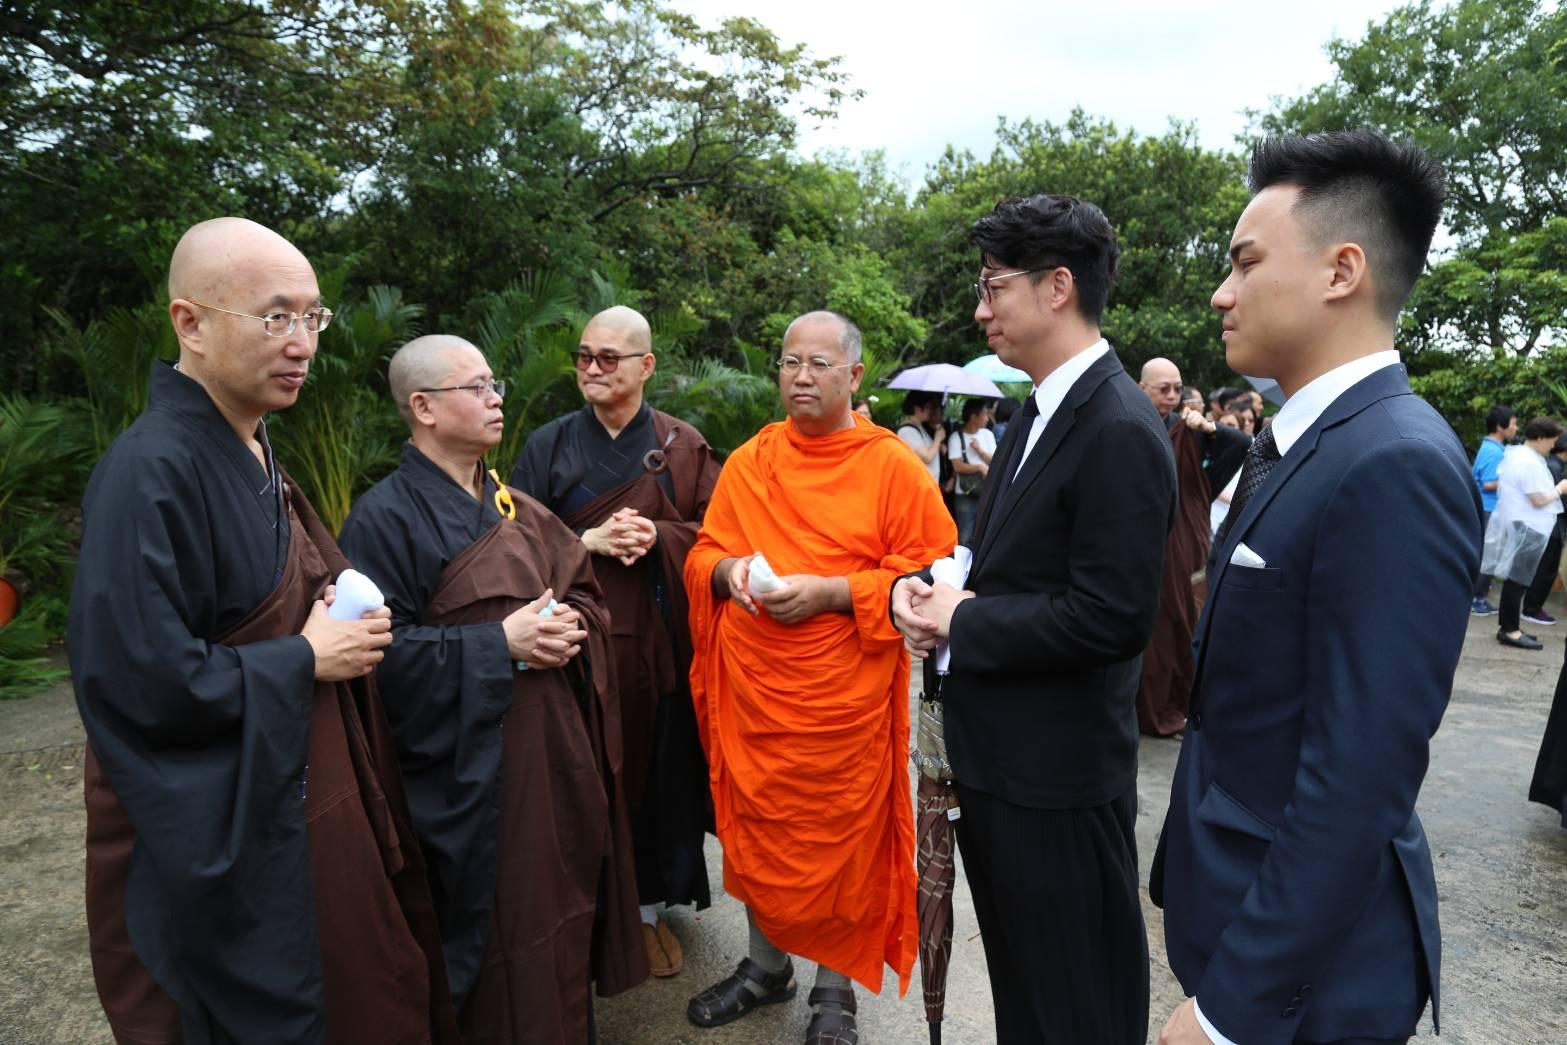 610713 รอง กต ร่วมงานศพVen.Dr. Sik Kin Chiu, จีนฮ่องกง 12